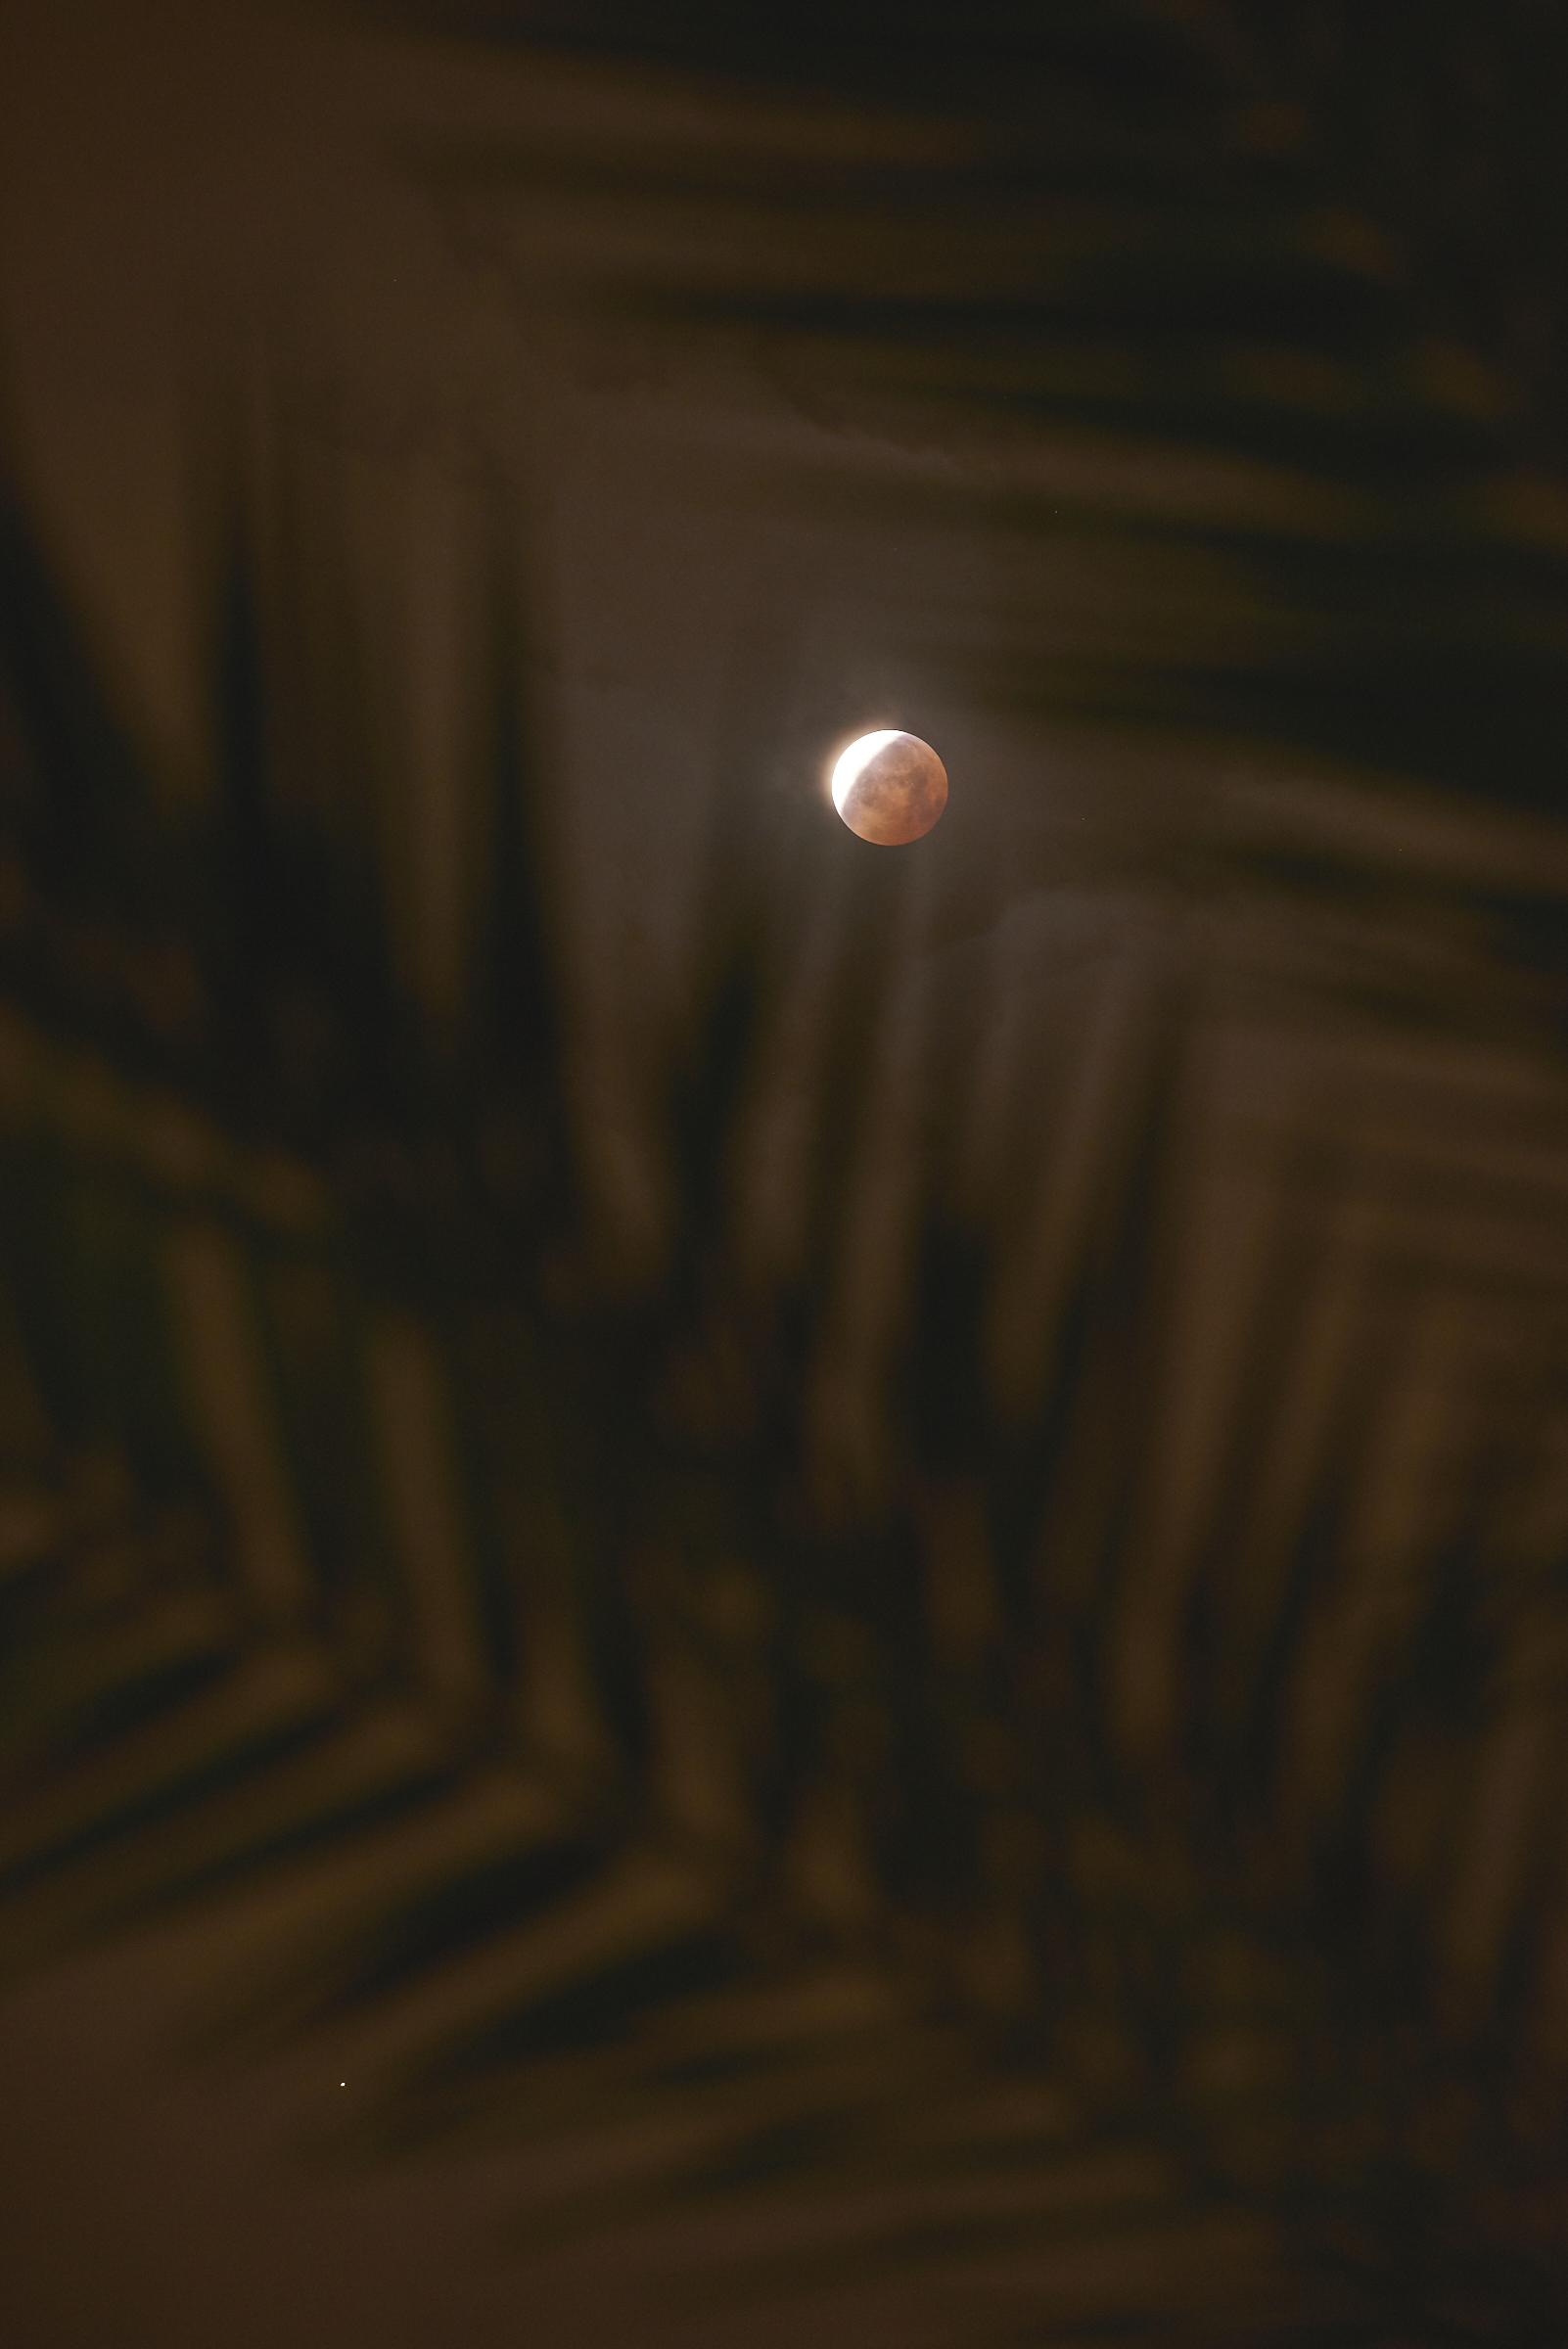 Eclipse-04.jpg